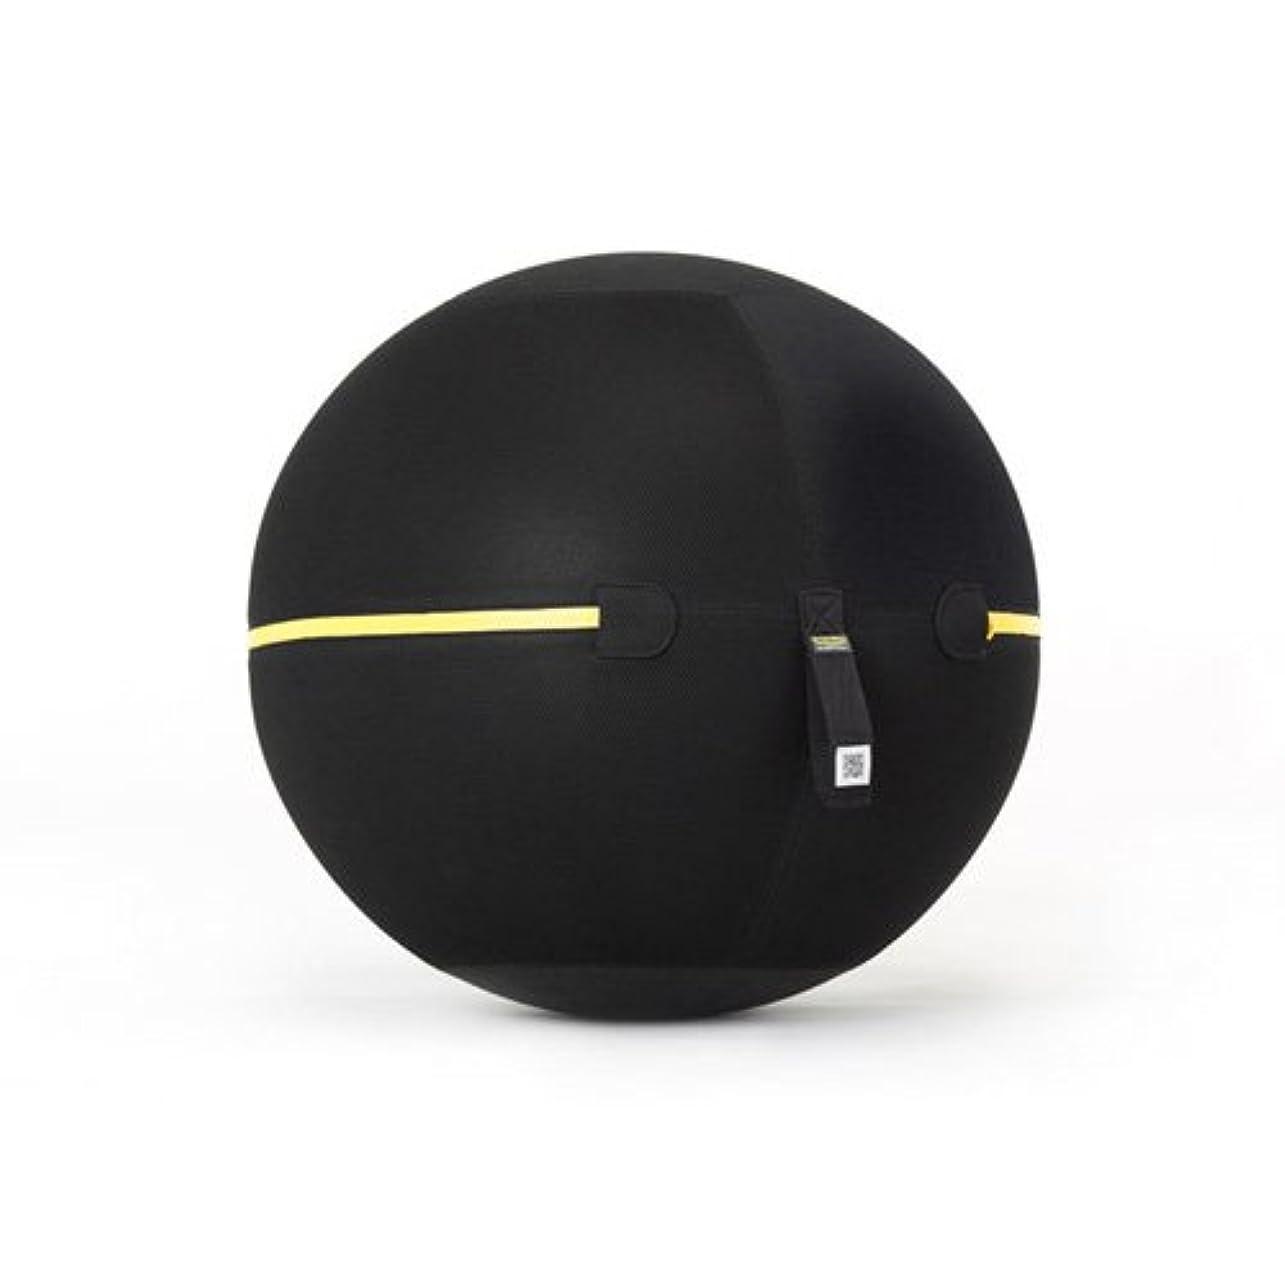 赤ライブ守る[テクノジム] ウェルネスボール アクティブシッティング 直径55cm TECHNOGYM WELLNESS BALL ACTIVE SITTING 55㎝